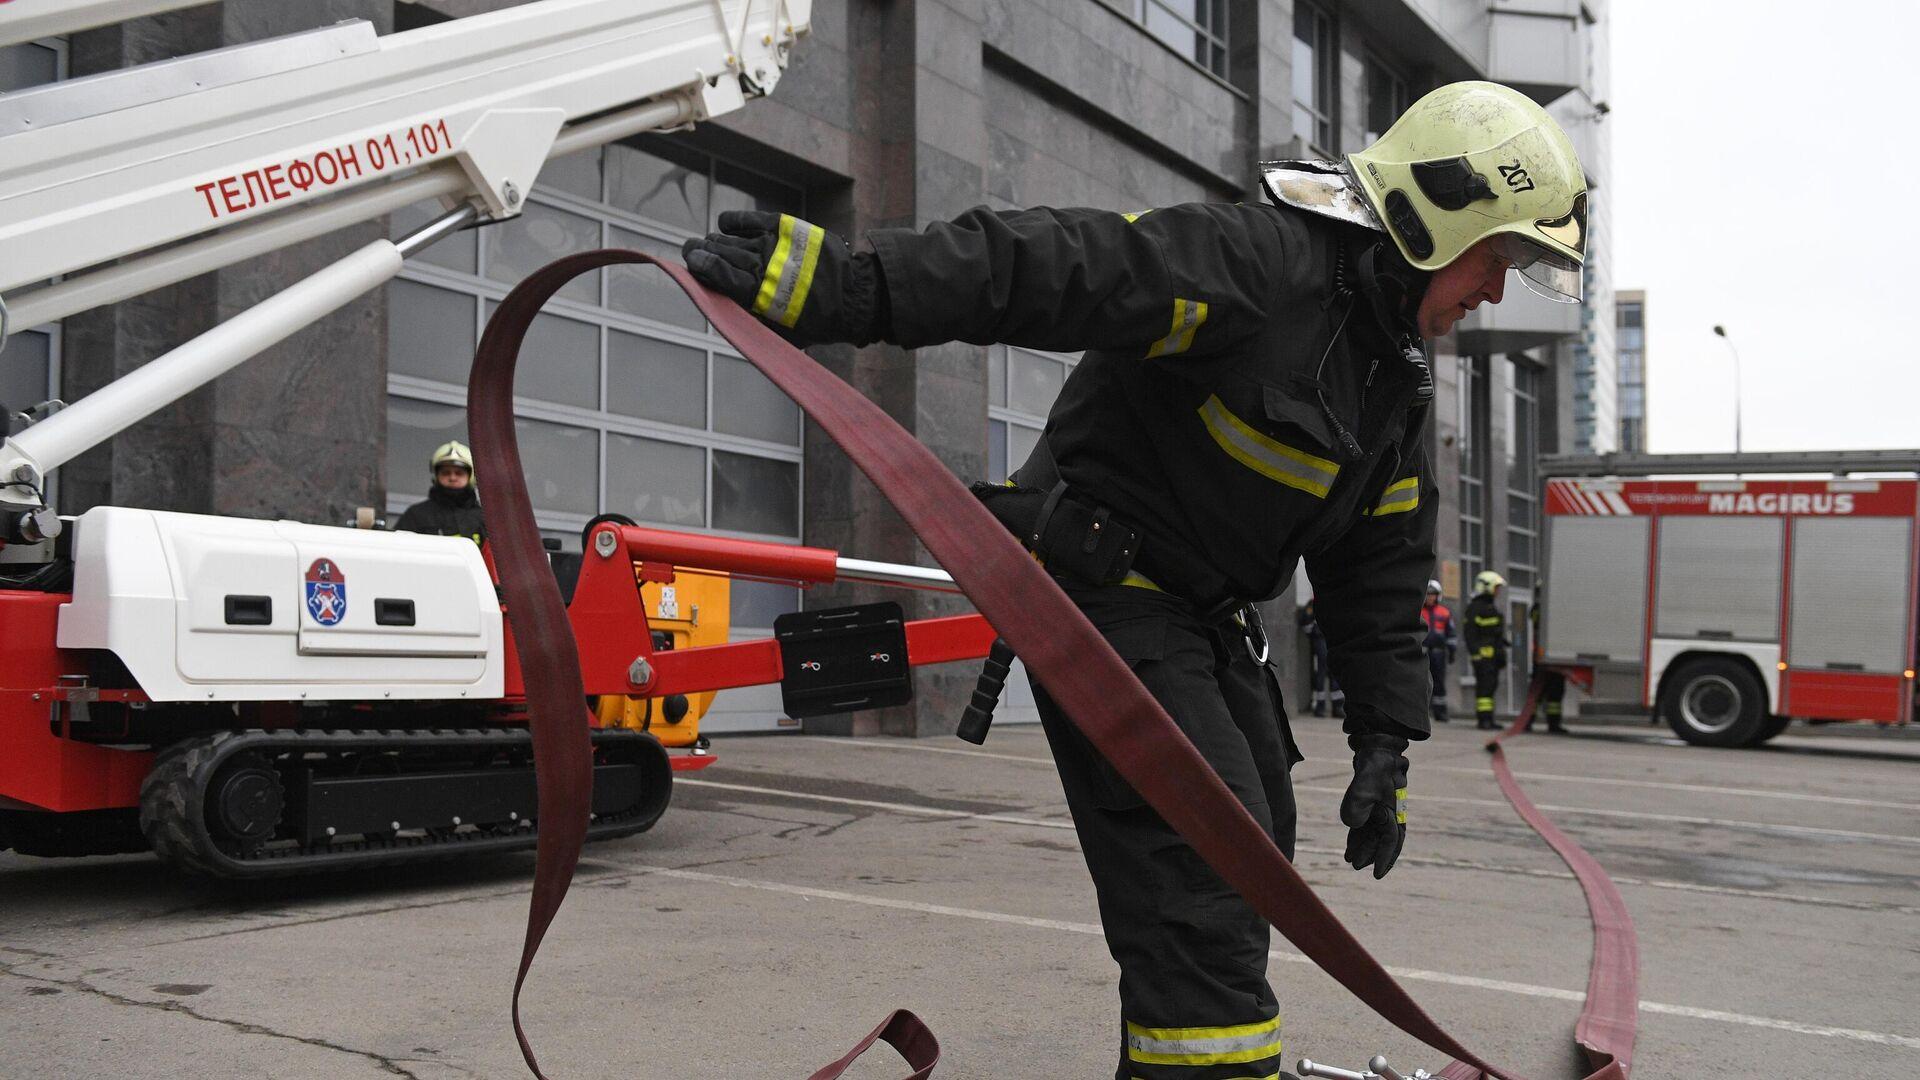 Сотрудник пожарно-спасательного центра Москвы монтирует пожарный рукав - РИА Новости, 1920, 15.11.2020